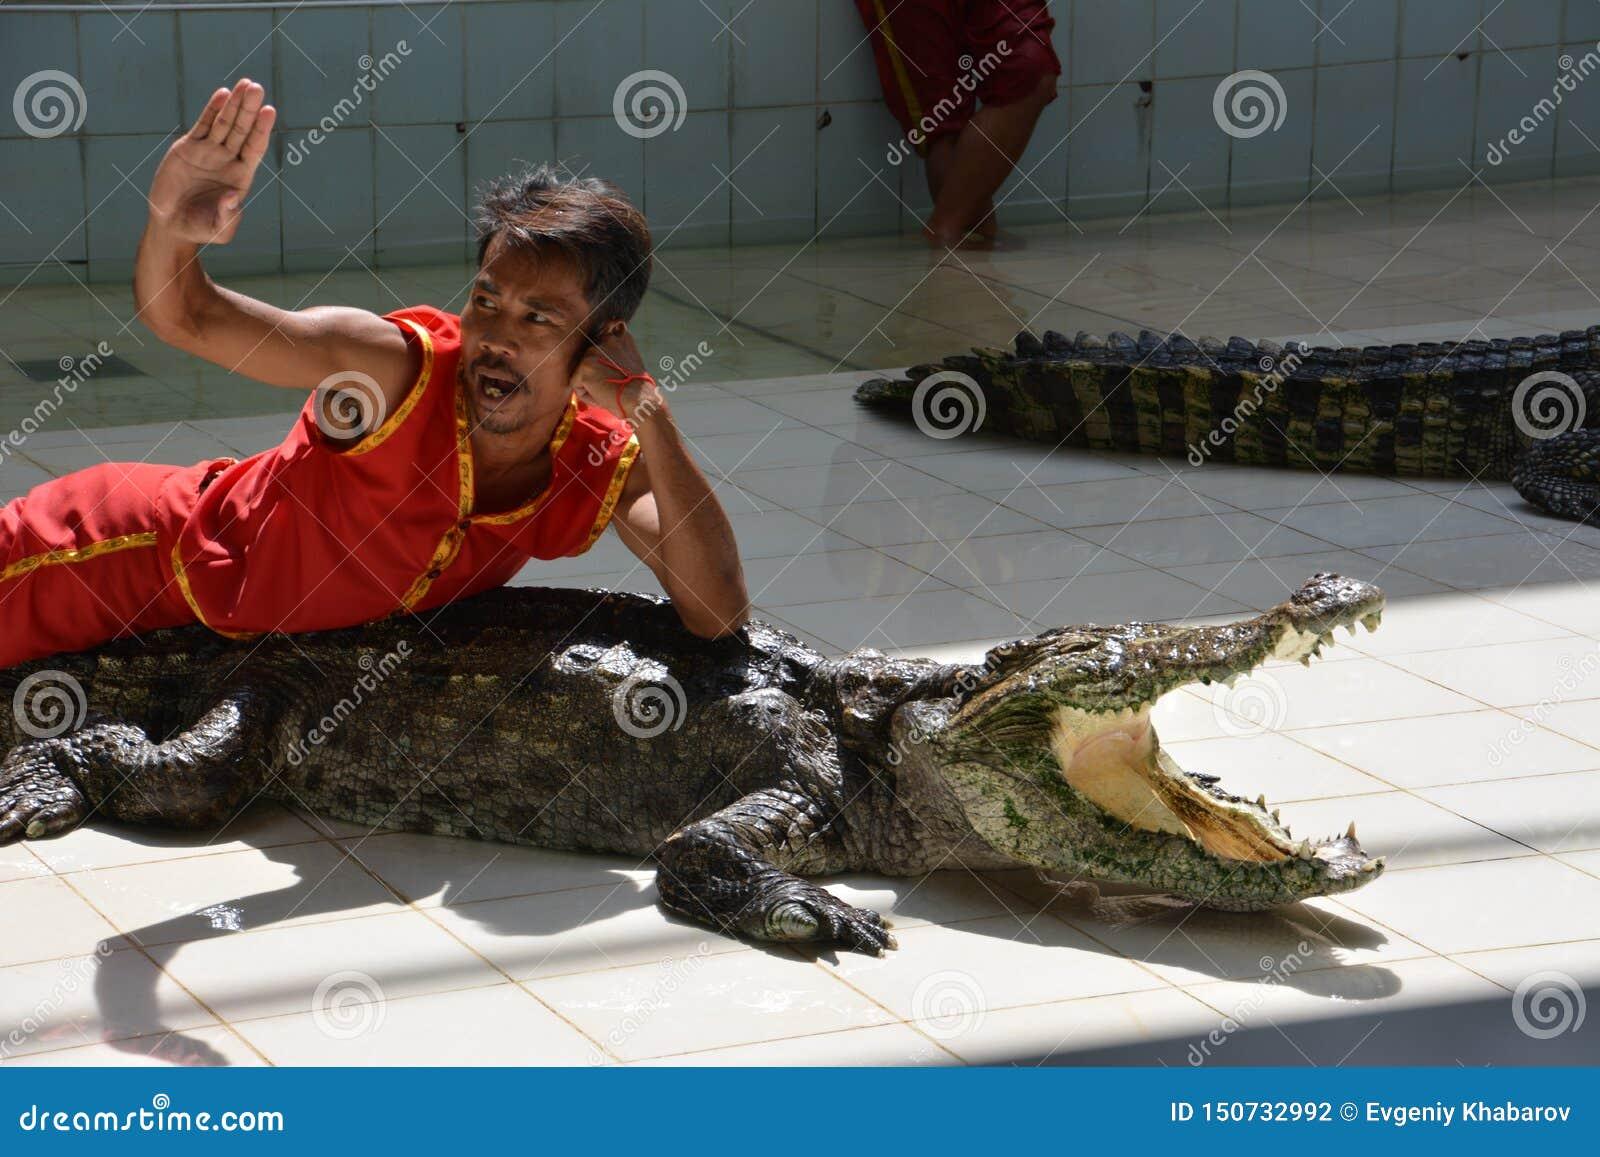 人在鳄鱼说谎 在普吉岛动物园,泰国的鳄鱼展示- 2015年12月:在鳄鱼农场的鳄鱼展示